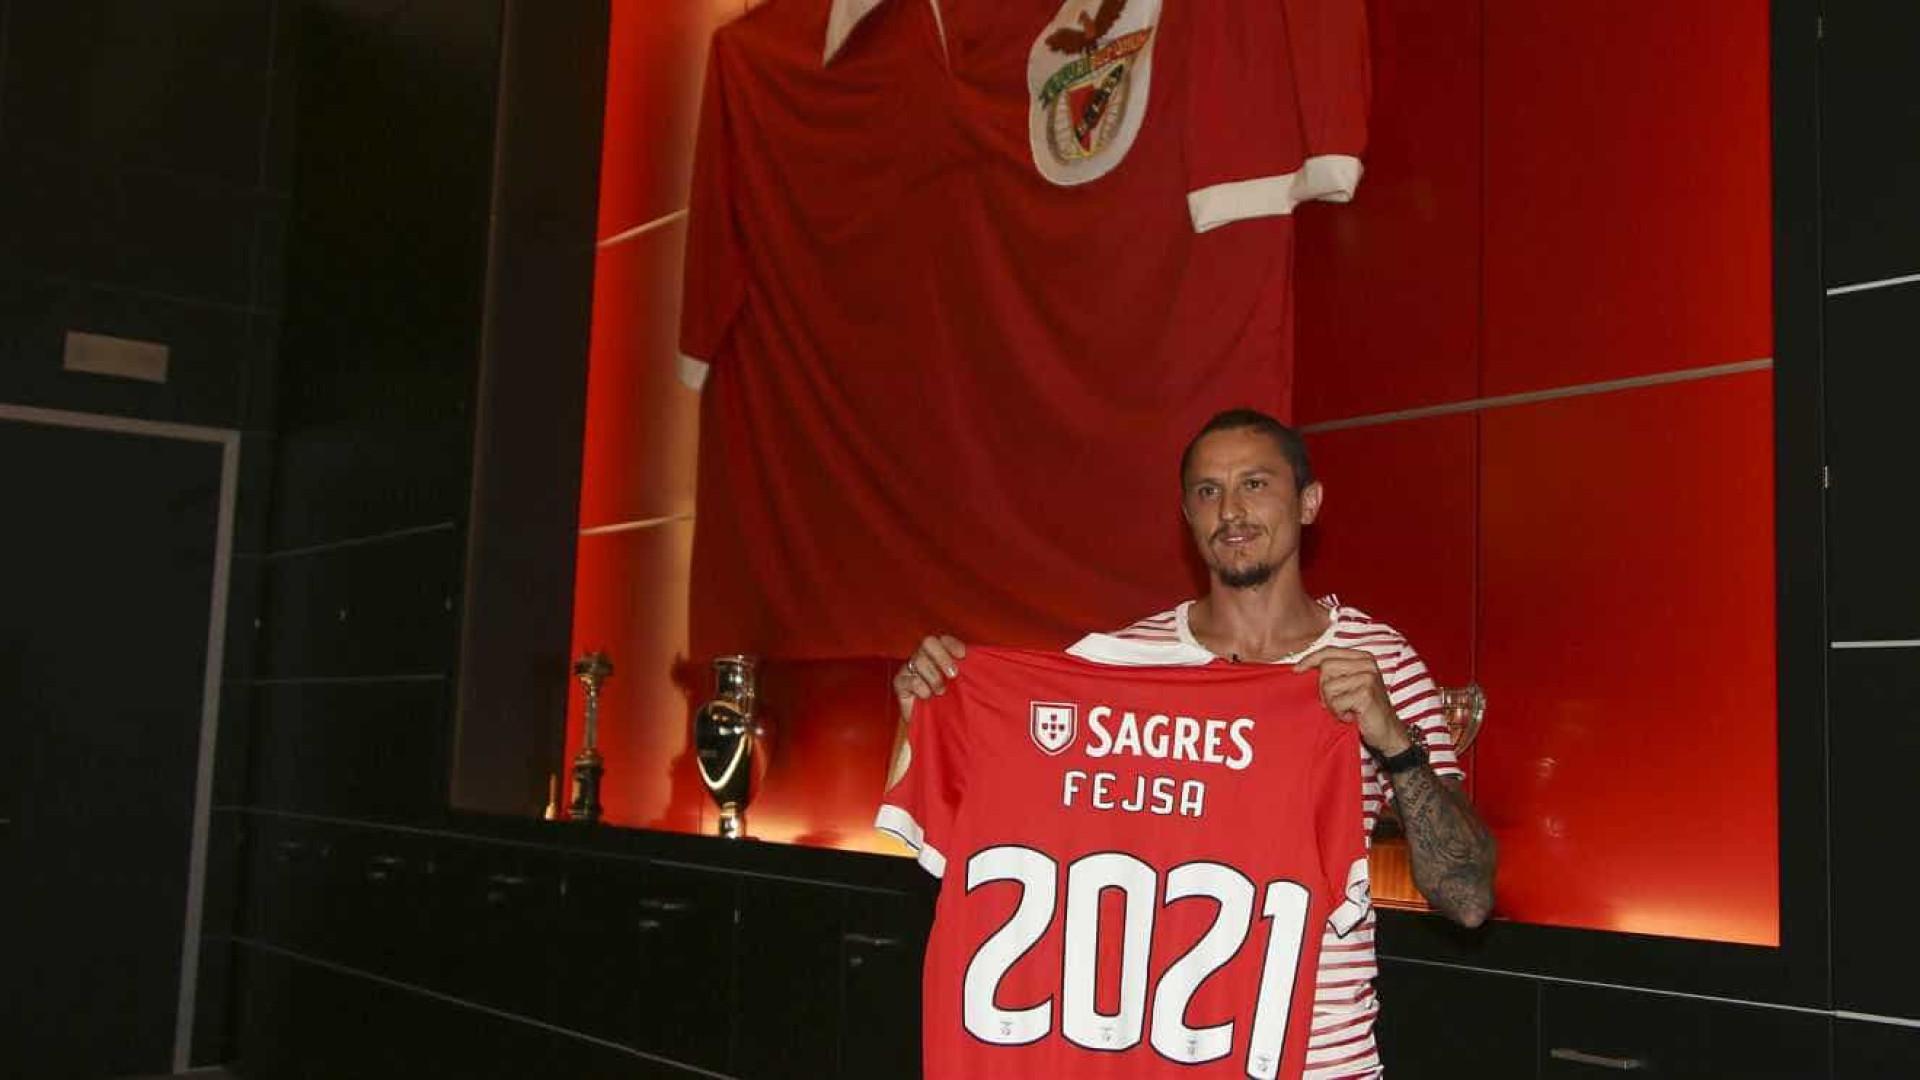 OFICIAL: Fejsa renova pelo Benfica até 2021